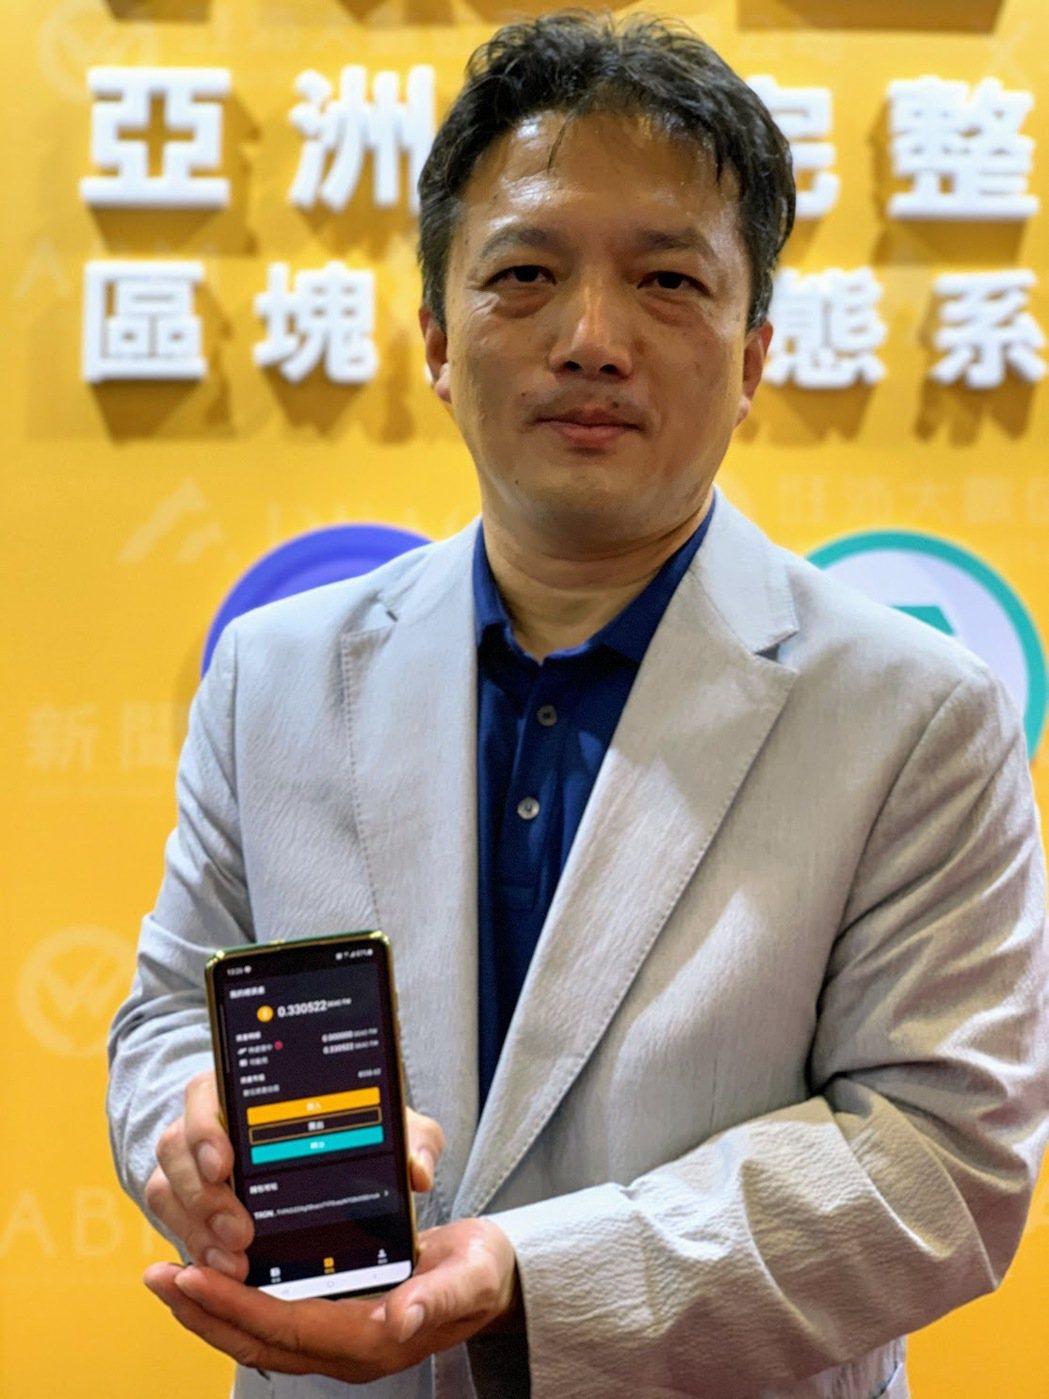 劉律師為了讓DEAC便於推廣,全新開發了一款結合數位錢包的黃金電商「GoldPr...